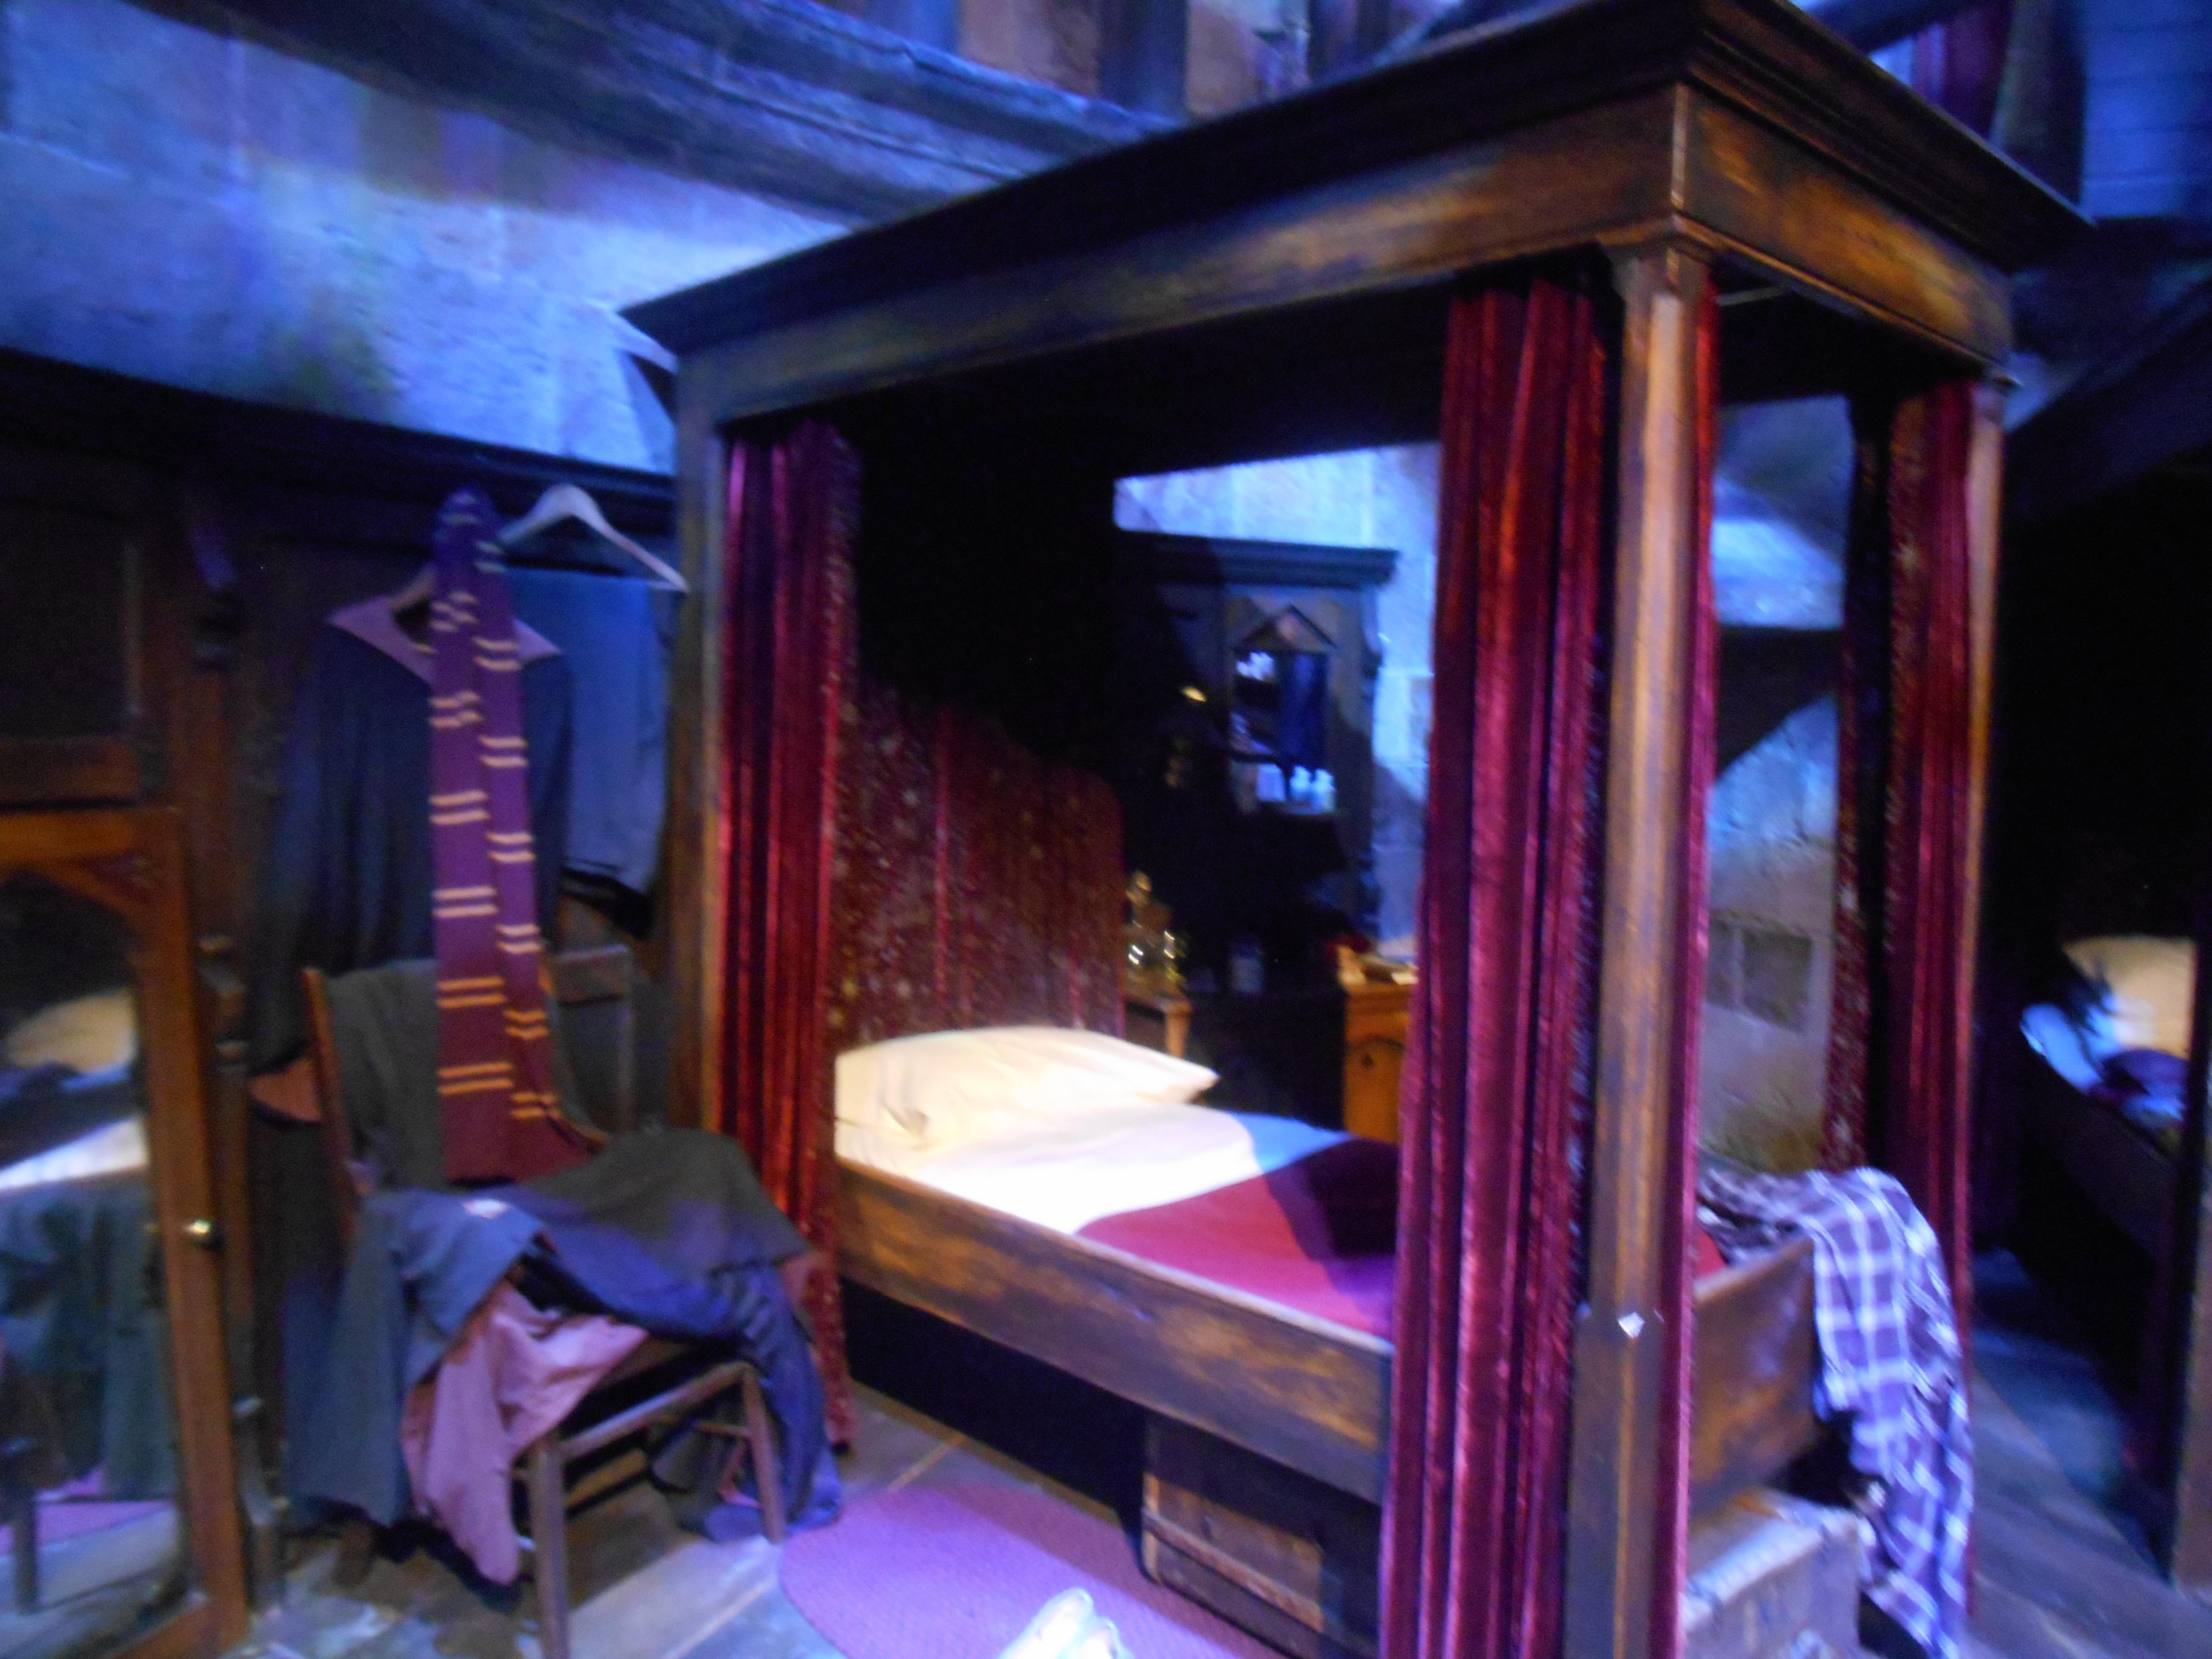 dortoir-gryffondor-harry-potter-studio.jpg